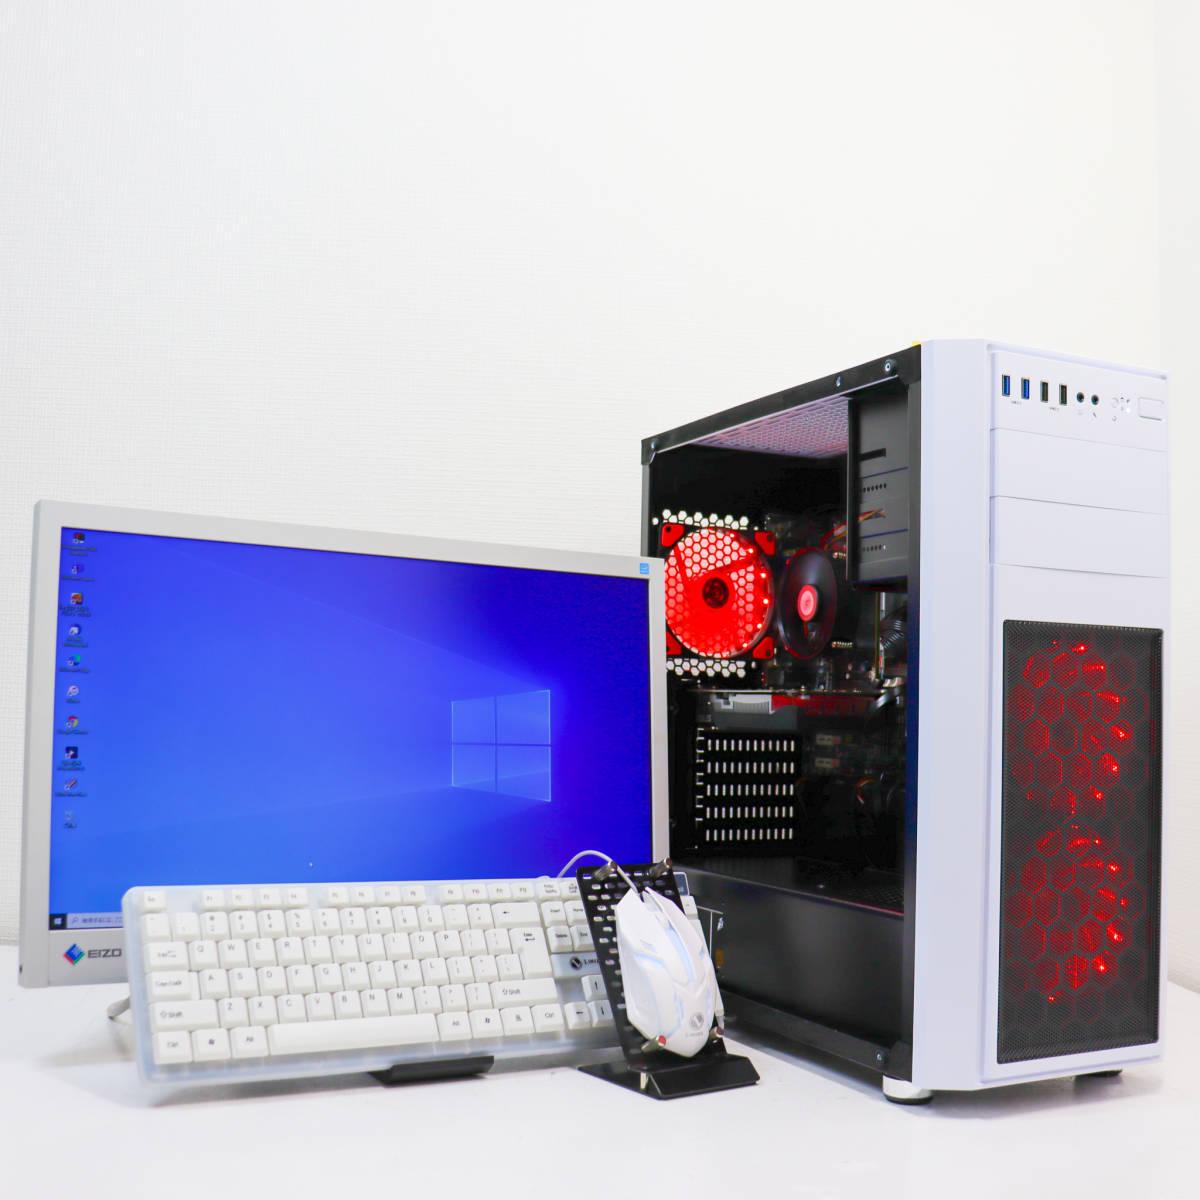 【極品ホワイトゲーミングPC一式セット】i7-3770/GTX1650/FX/株/ストレージ6000GB/office